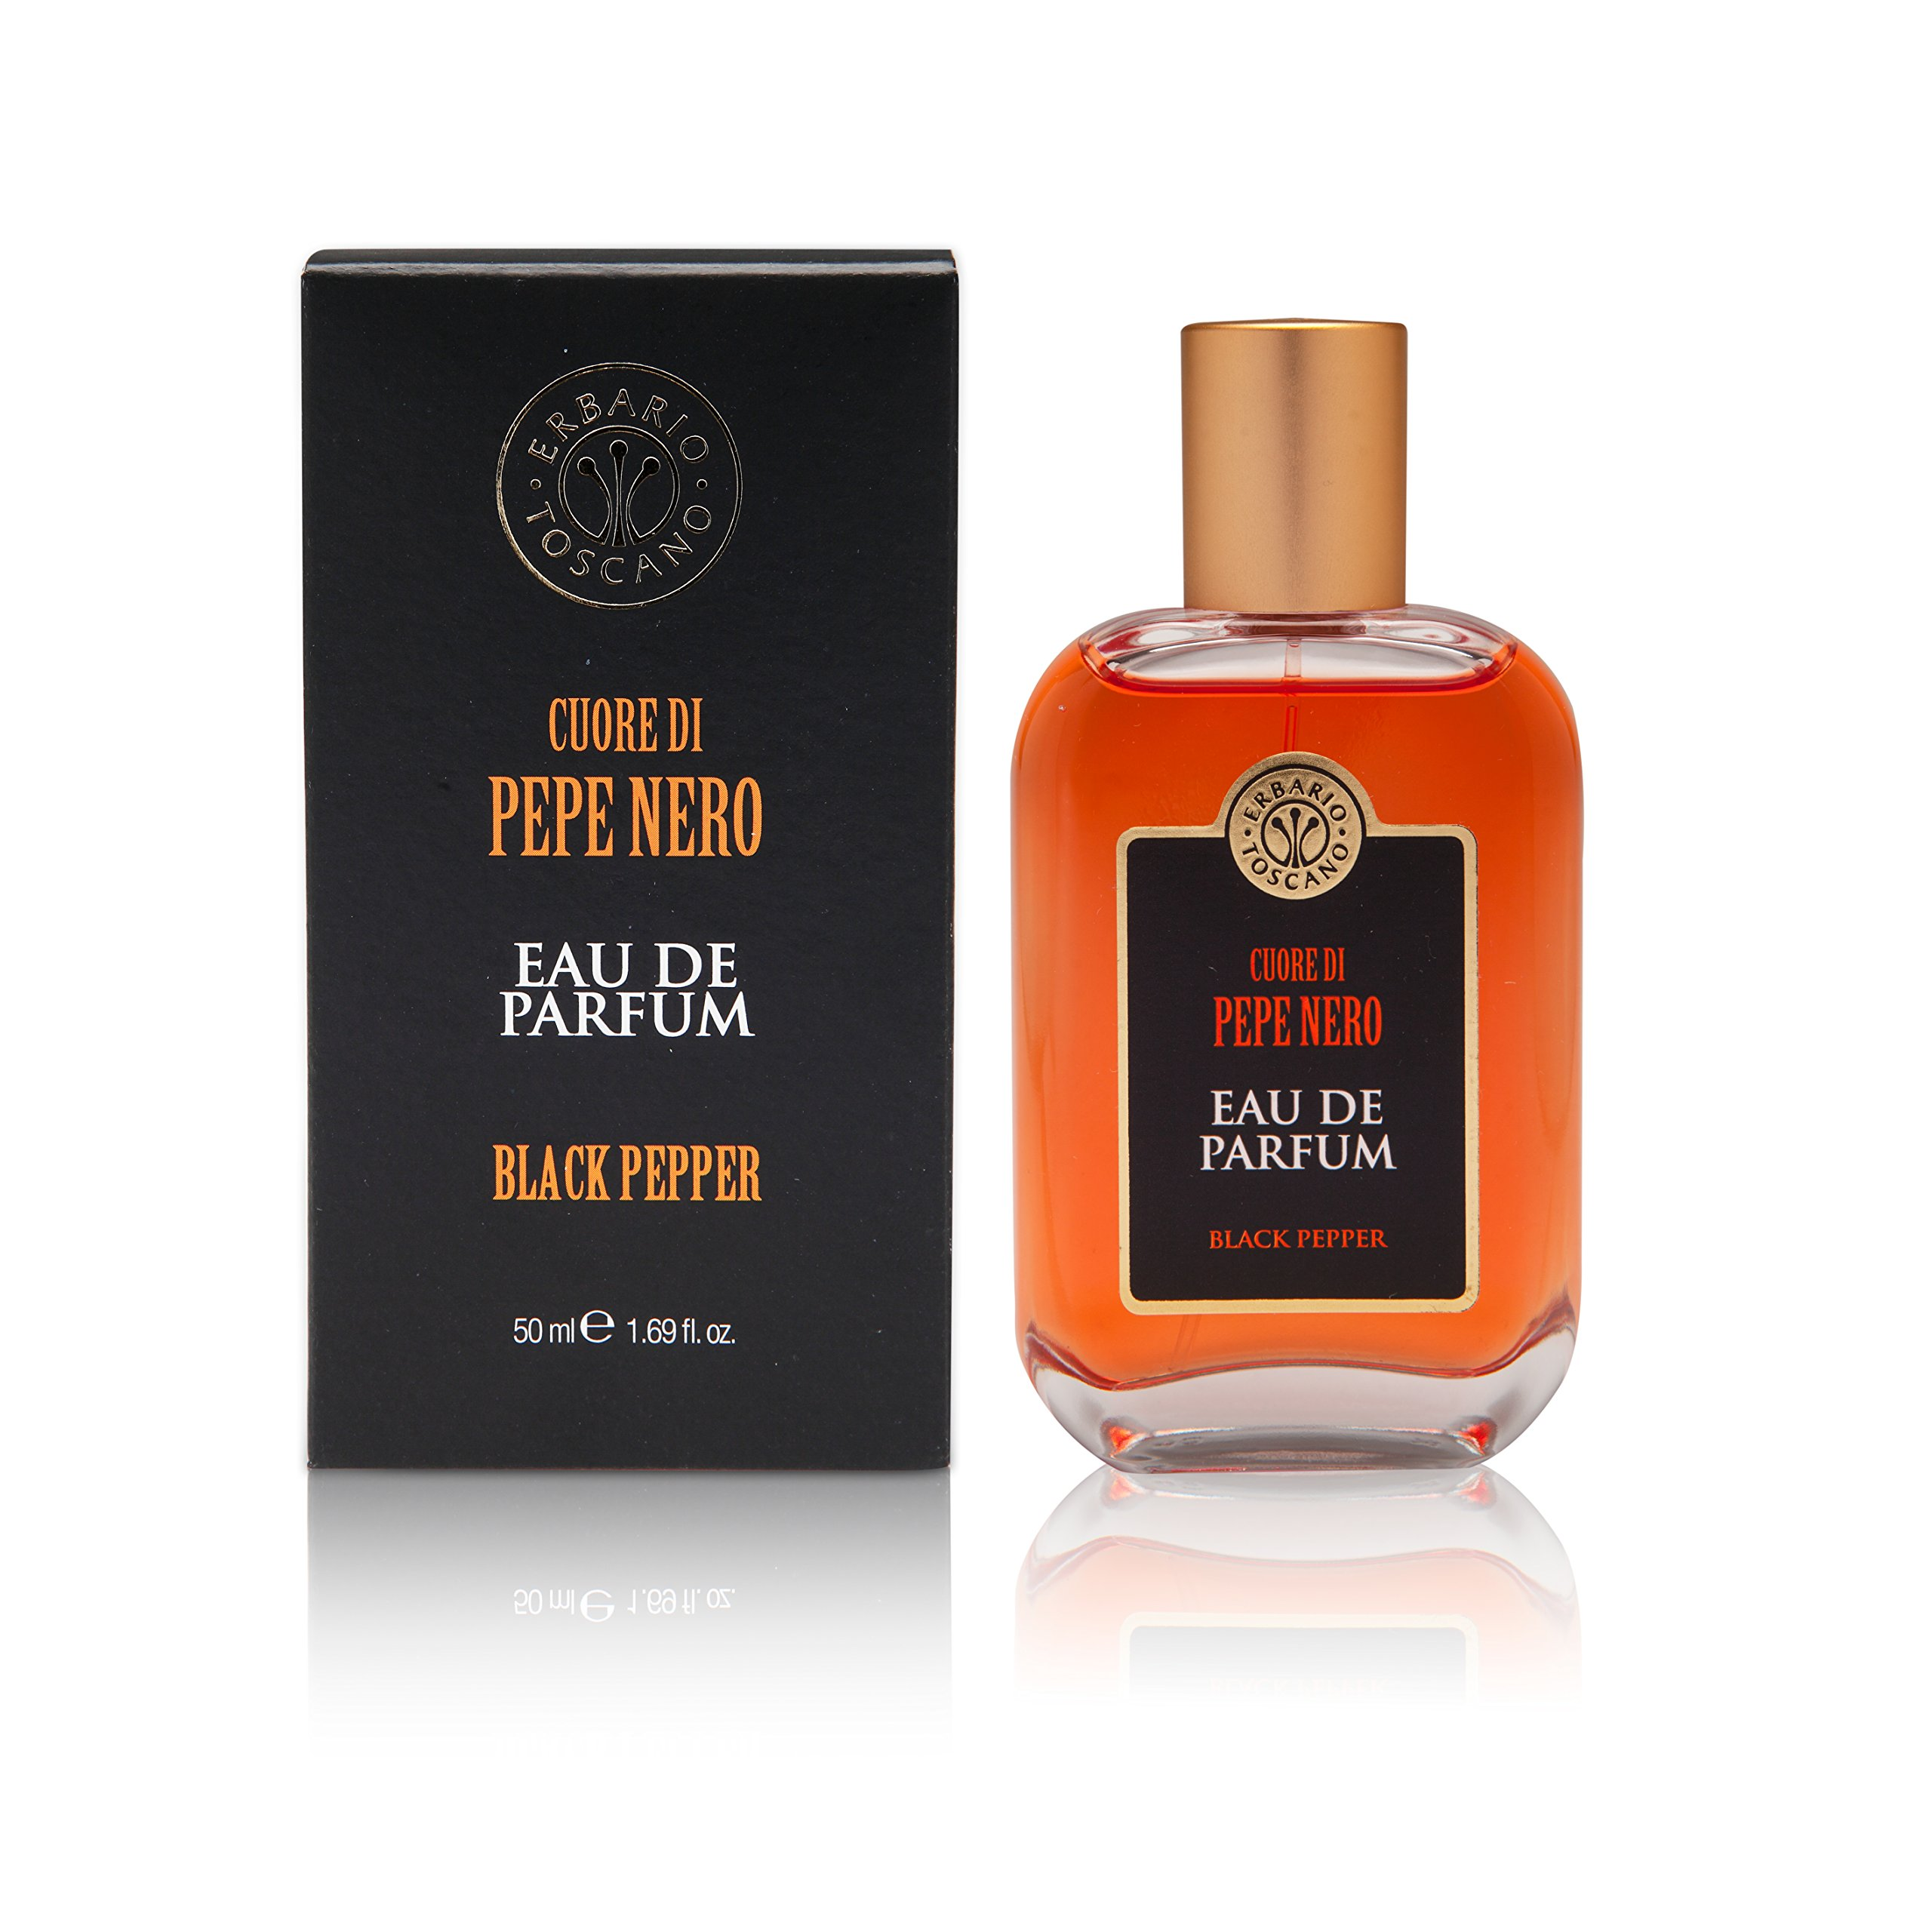 ERBARIO TOSCANO Black Pepper Eau de Parfum 50 ml by ERBARIO TOSCANO